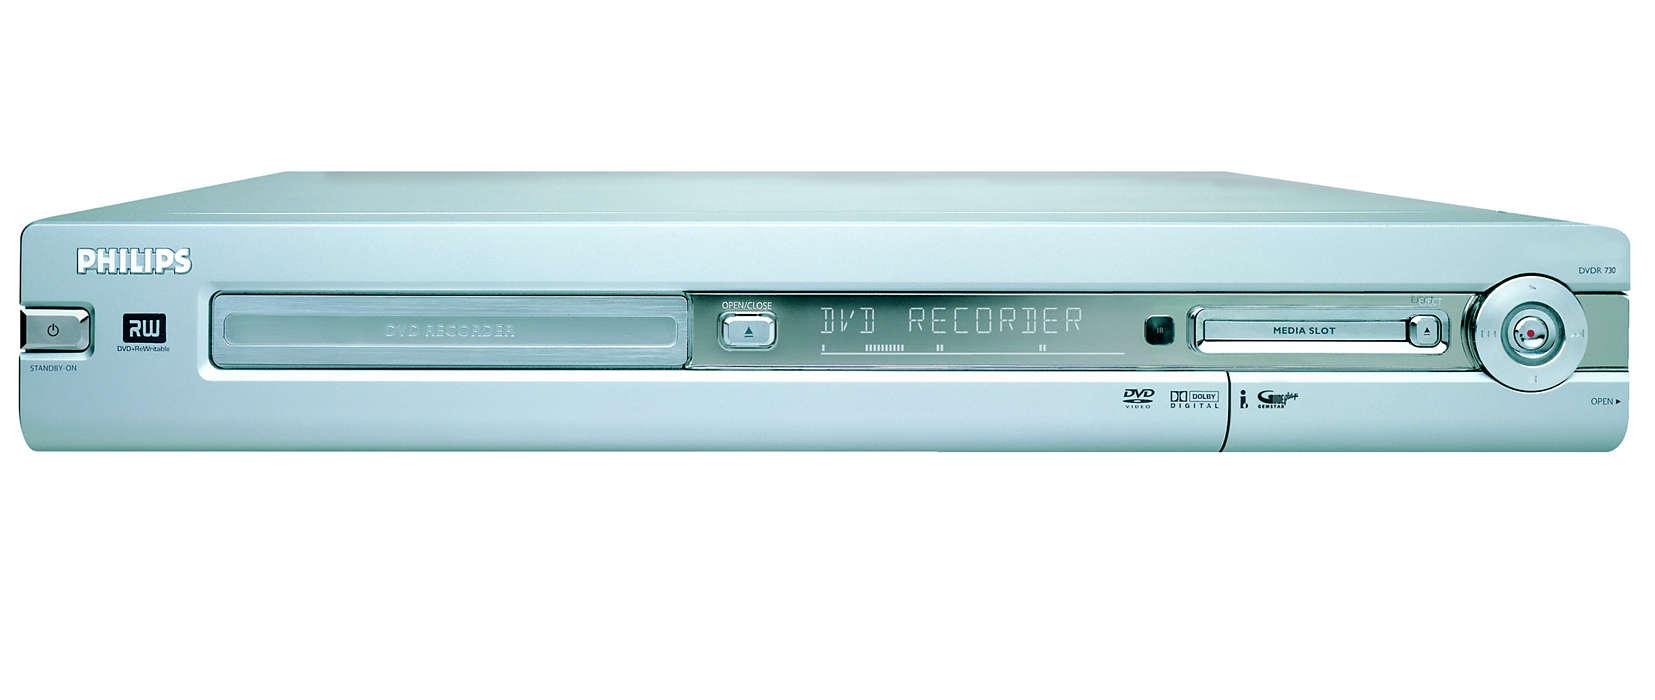 Εγγραφή ψηφιακών εικόνων και ταινιών βιντεοκάμερας σε DVD